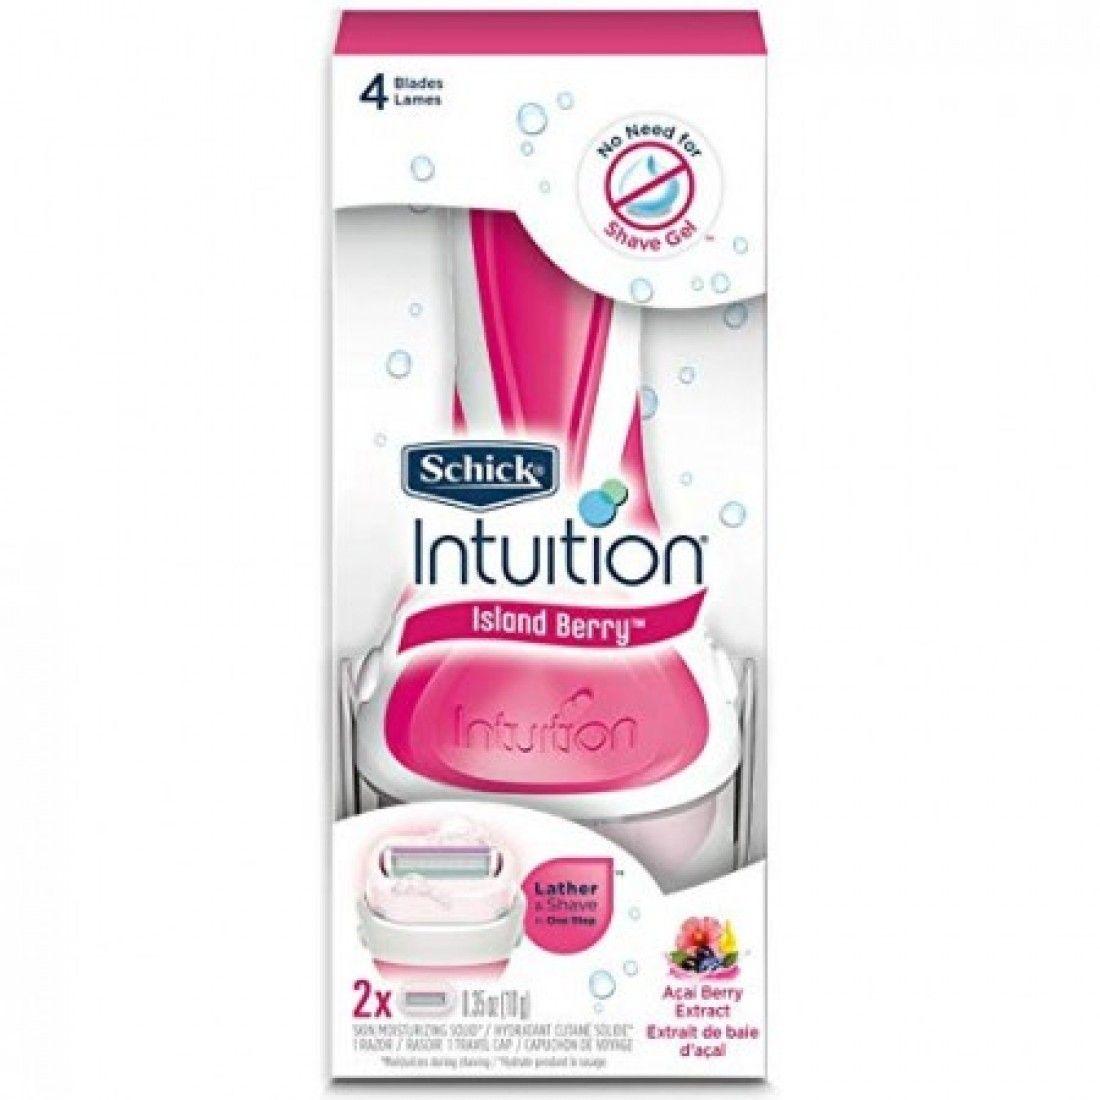 شفرة حلاقة انتويشن من شيك برغوة التوت Intuition Razor Schick Moisturizer For Dry Skin